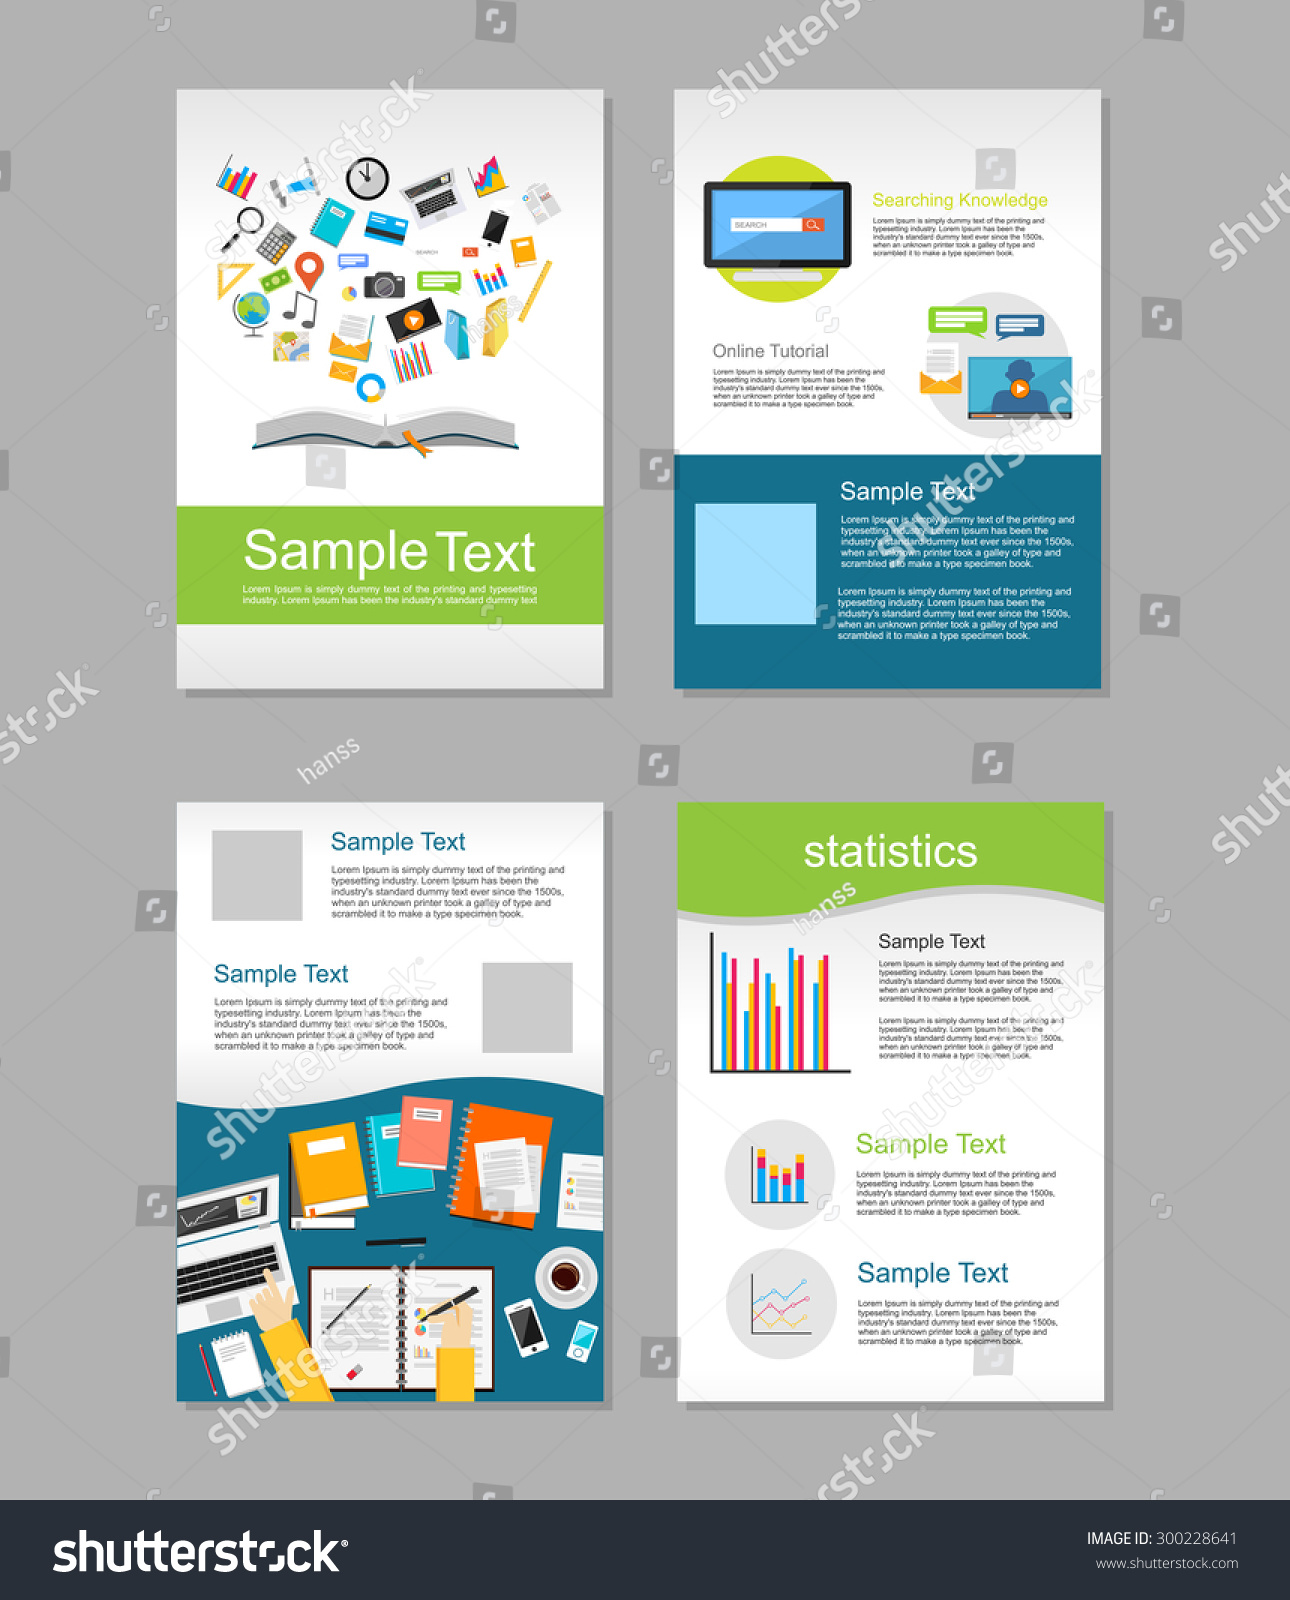 e brochure design templates - thevictorianparlor.co